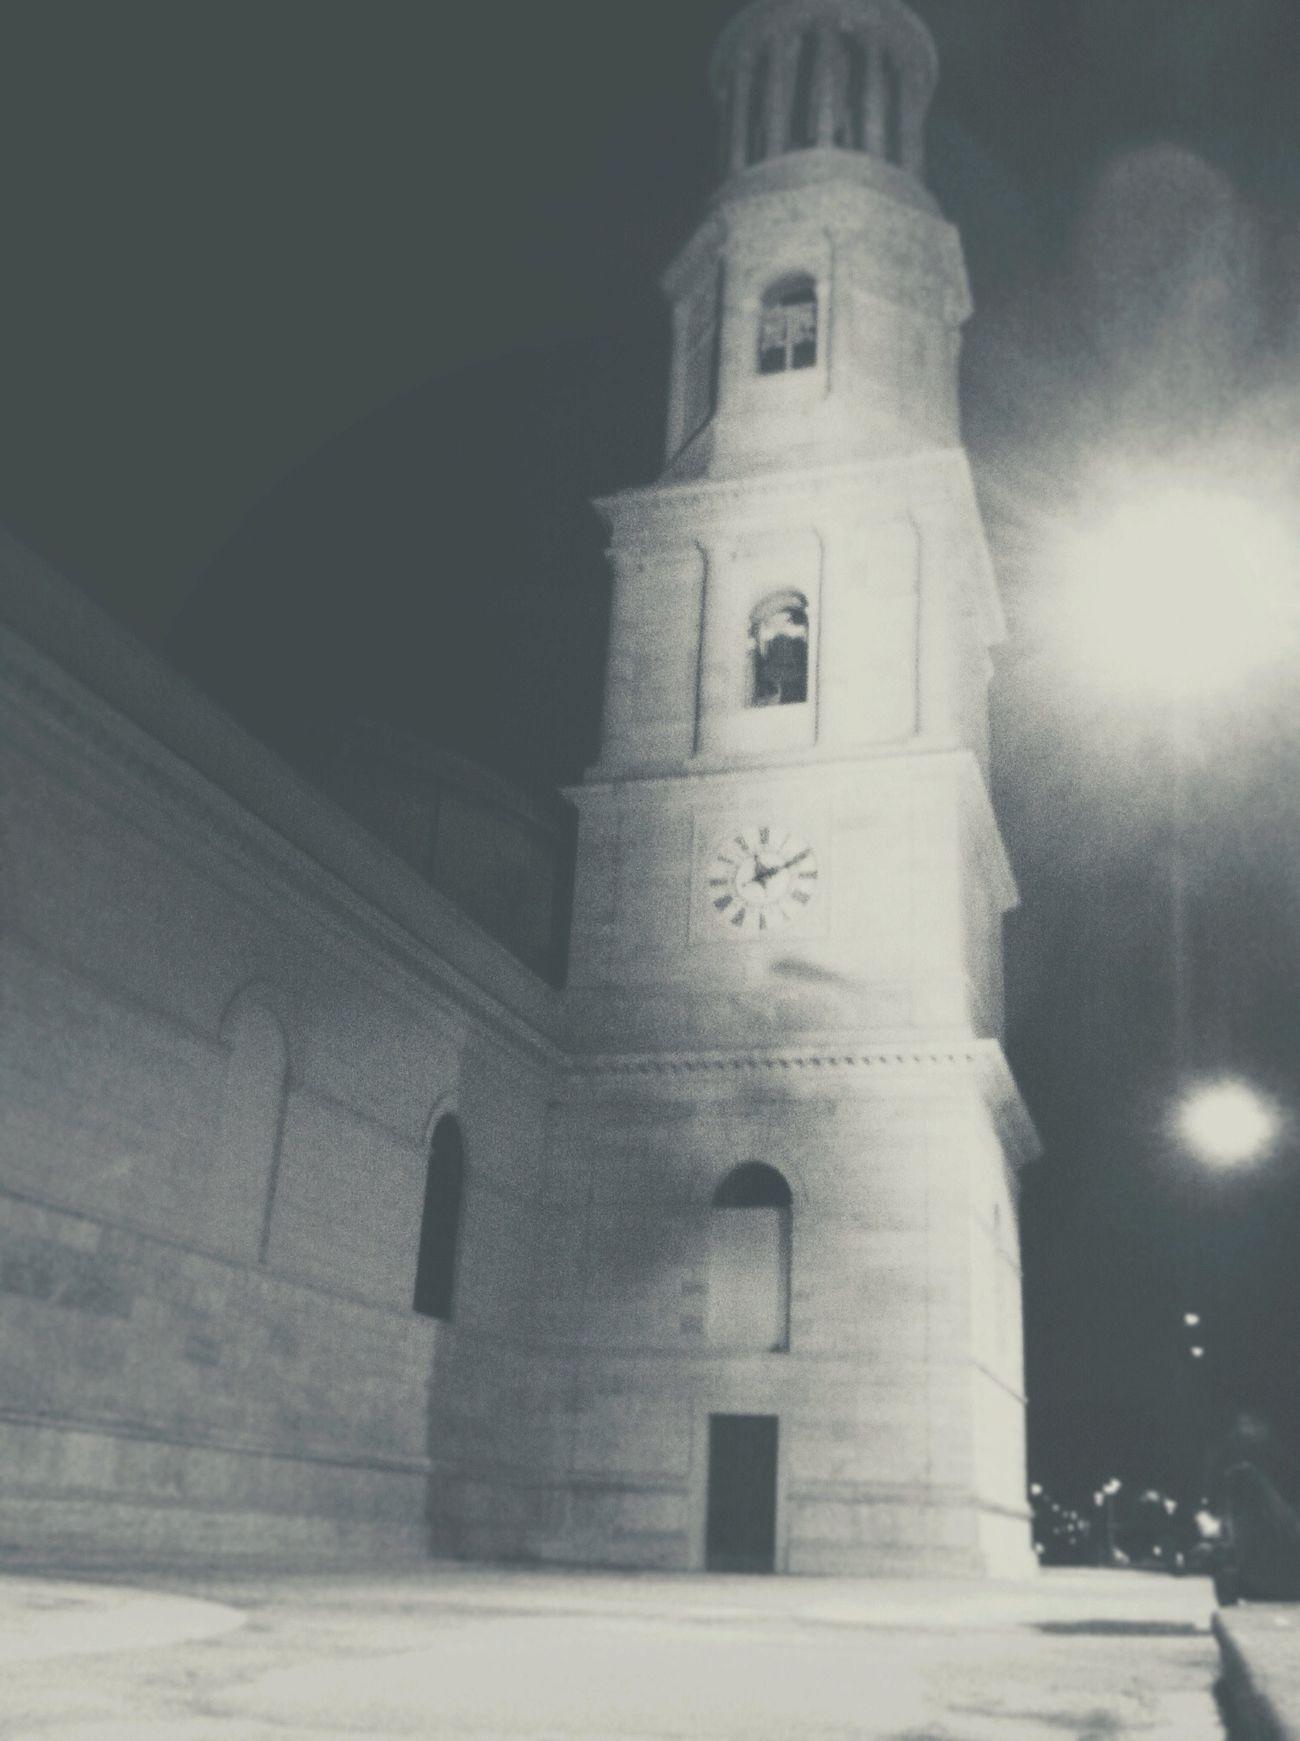 Basilica Sanpaolo Rome Romebynight Church Chiesa Basilicasanpaolo Night Roma Roma♥